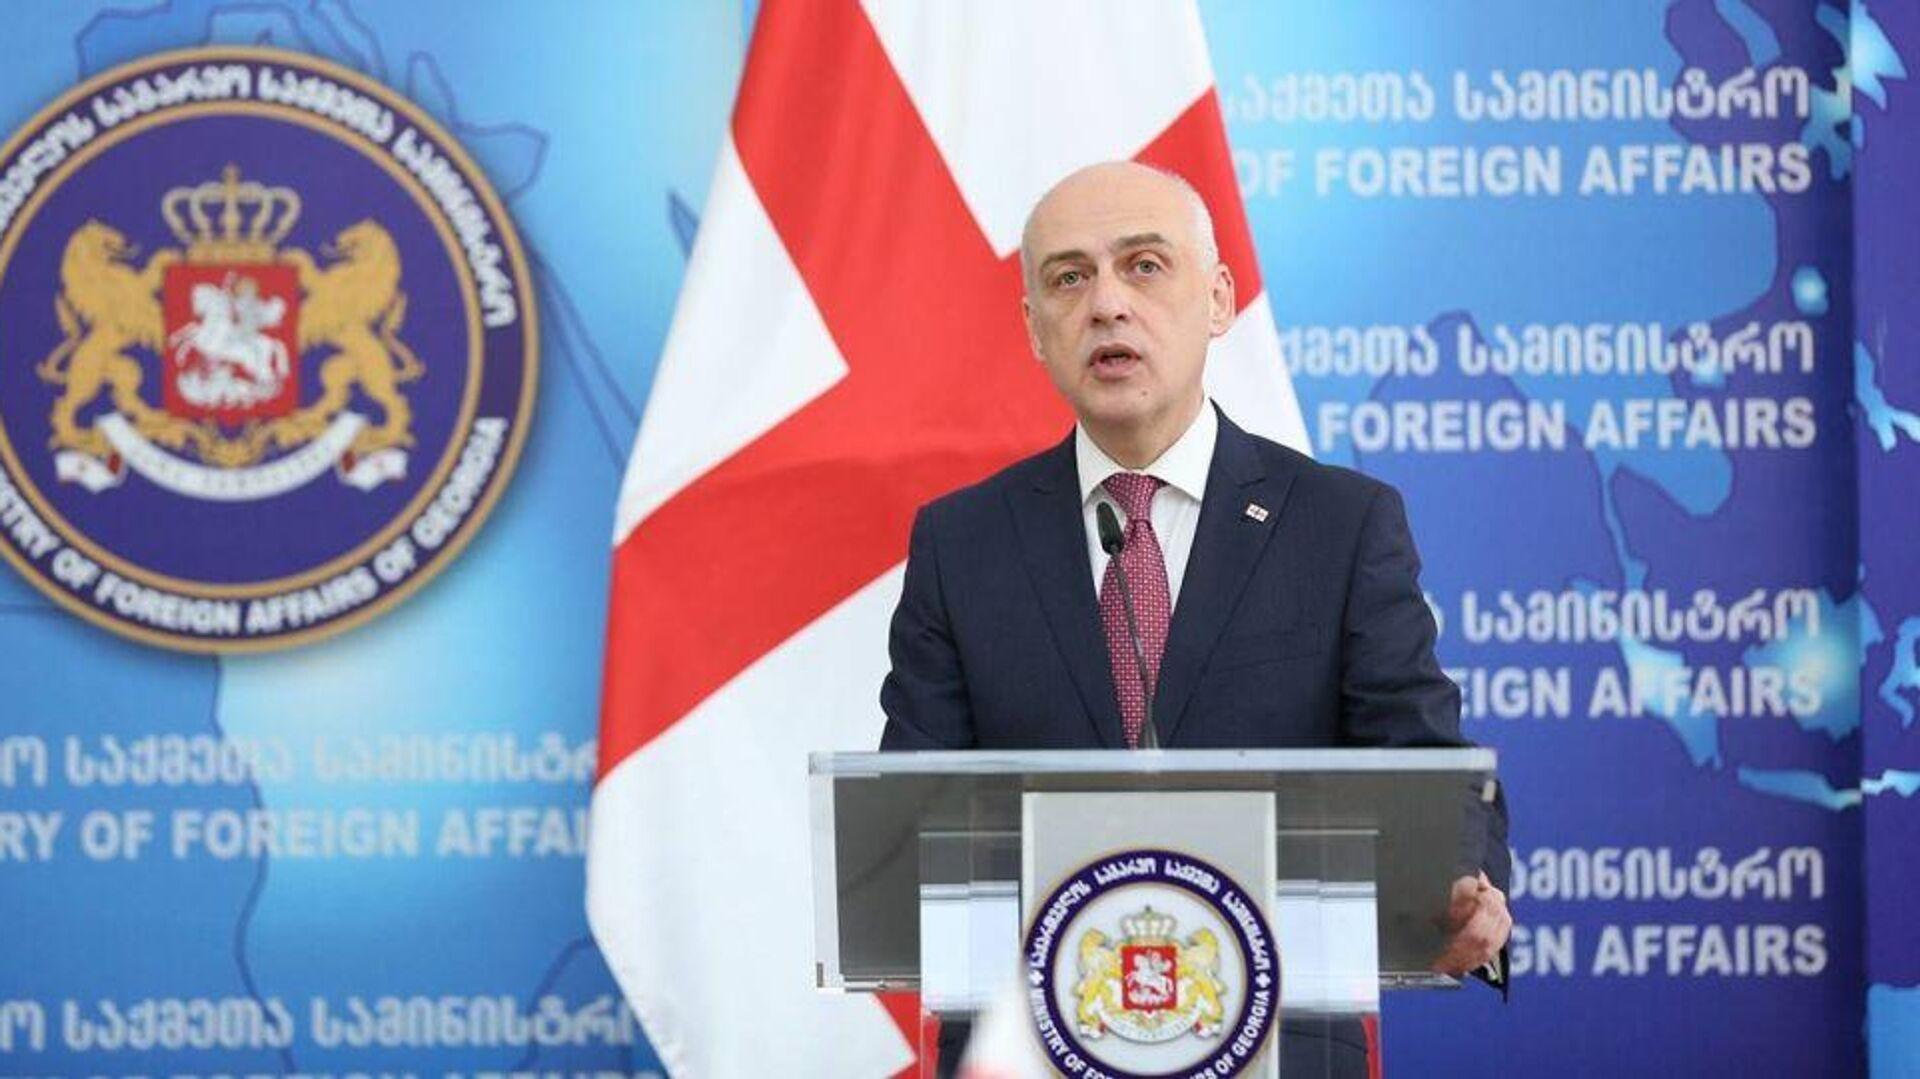 Глава МИД Грузии Залкалиани опроверг информацию о приостановке безвизового режима с ЕС